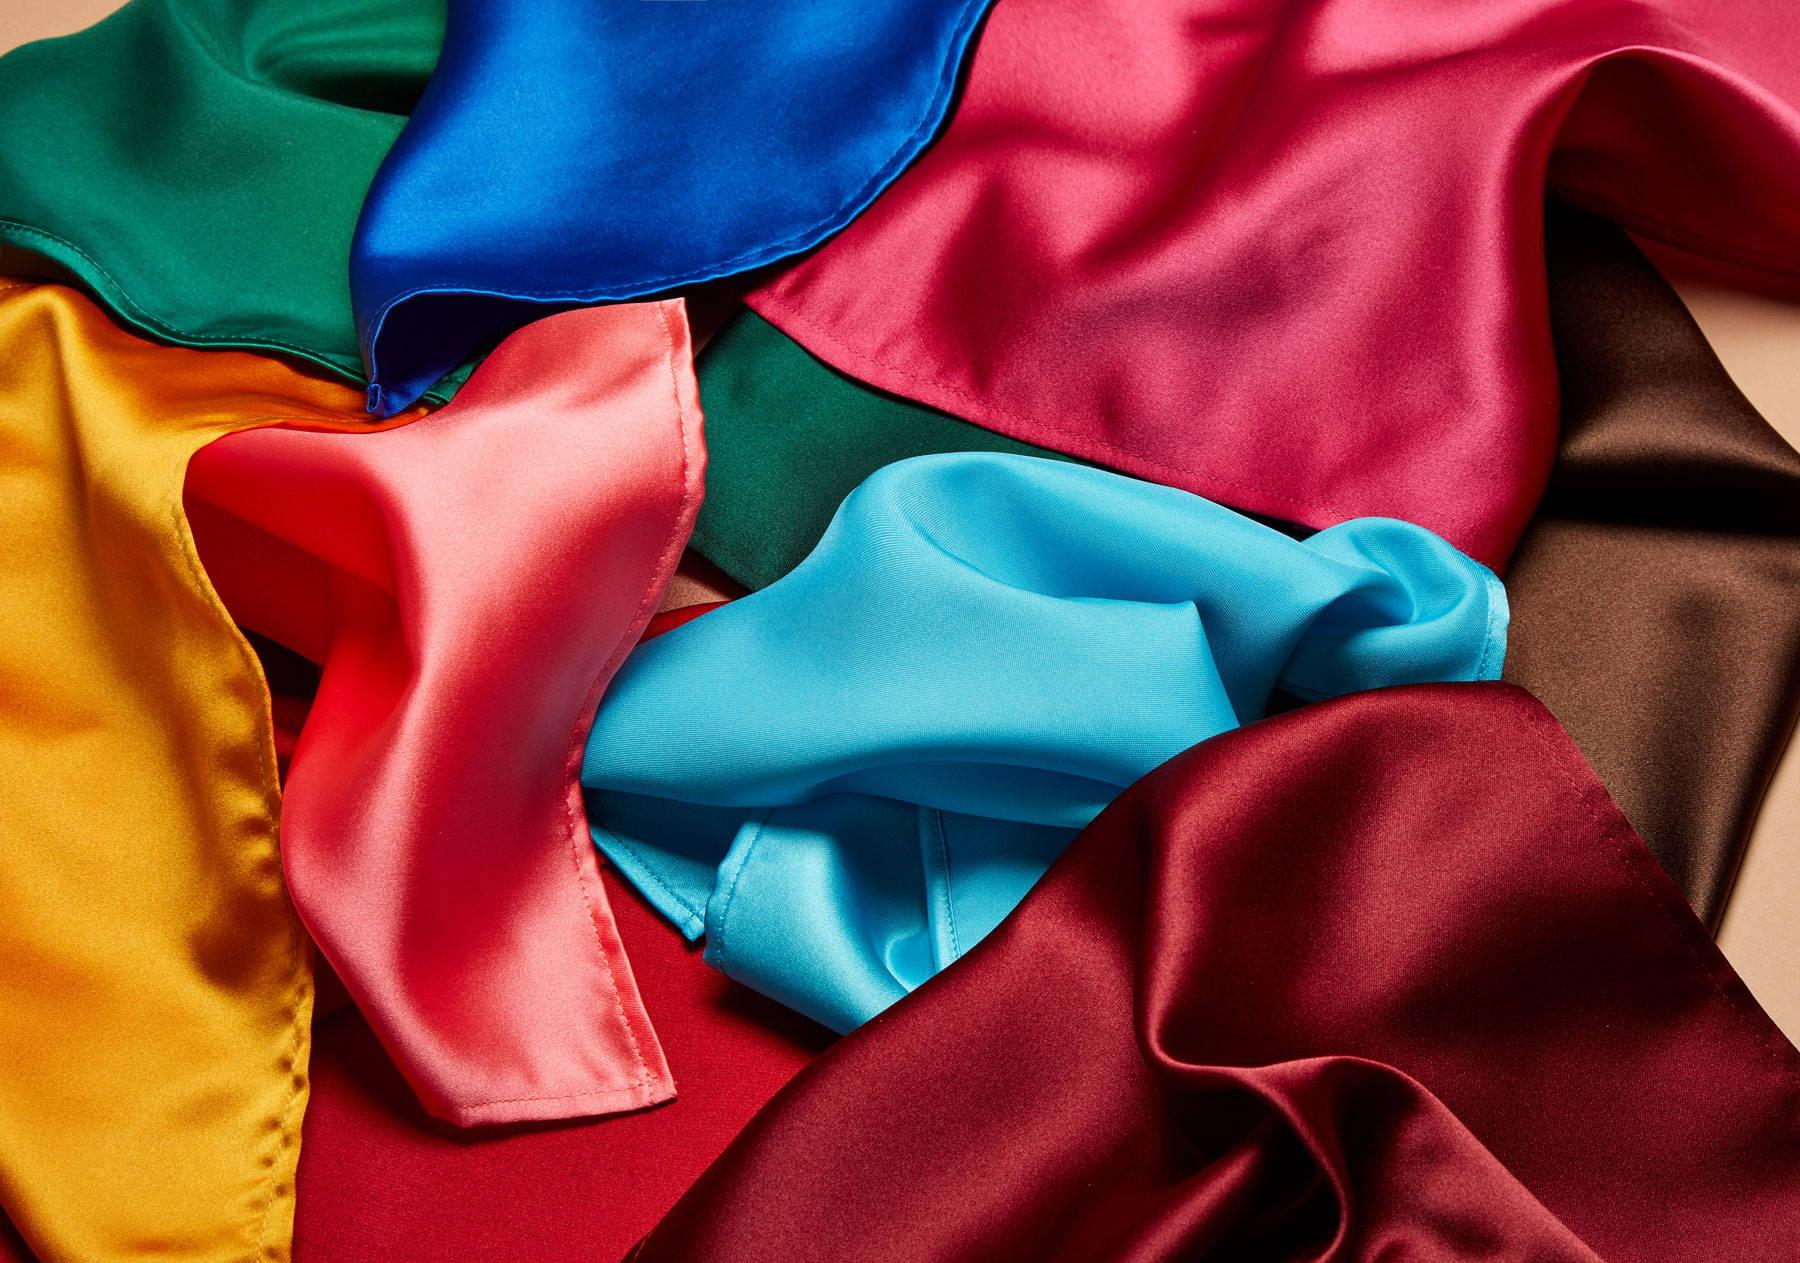 Vibrant colourful pocket squares